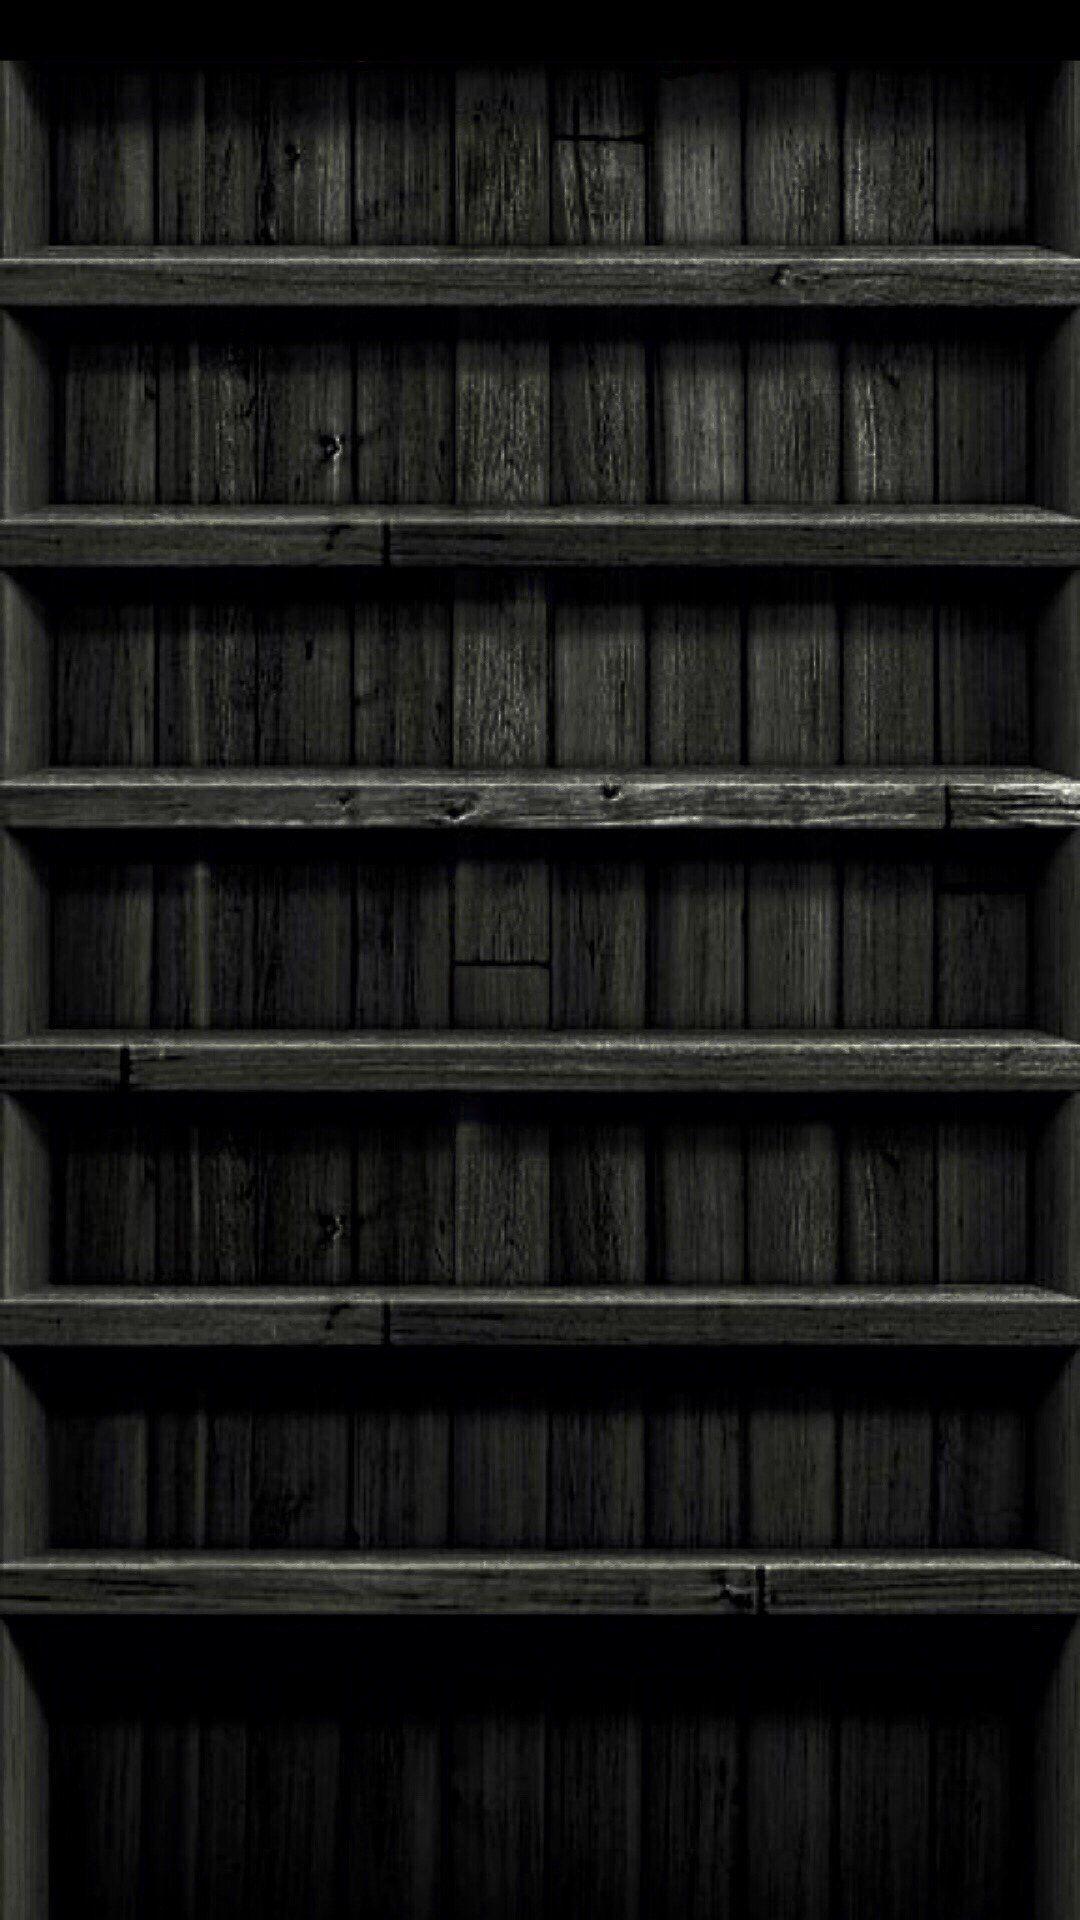 木製シェルフ ブラック Iphone11 スマホ壁紙 待受画像ギャラリー Iphone7plus 壁紙 スタバ 壁紙 モバイル用壁紙